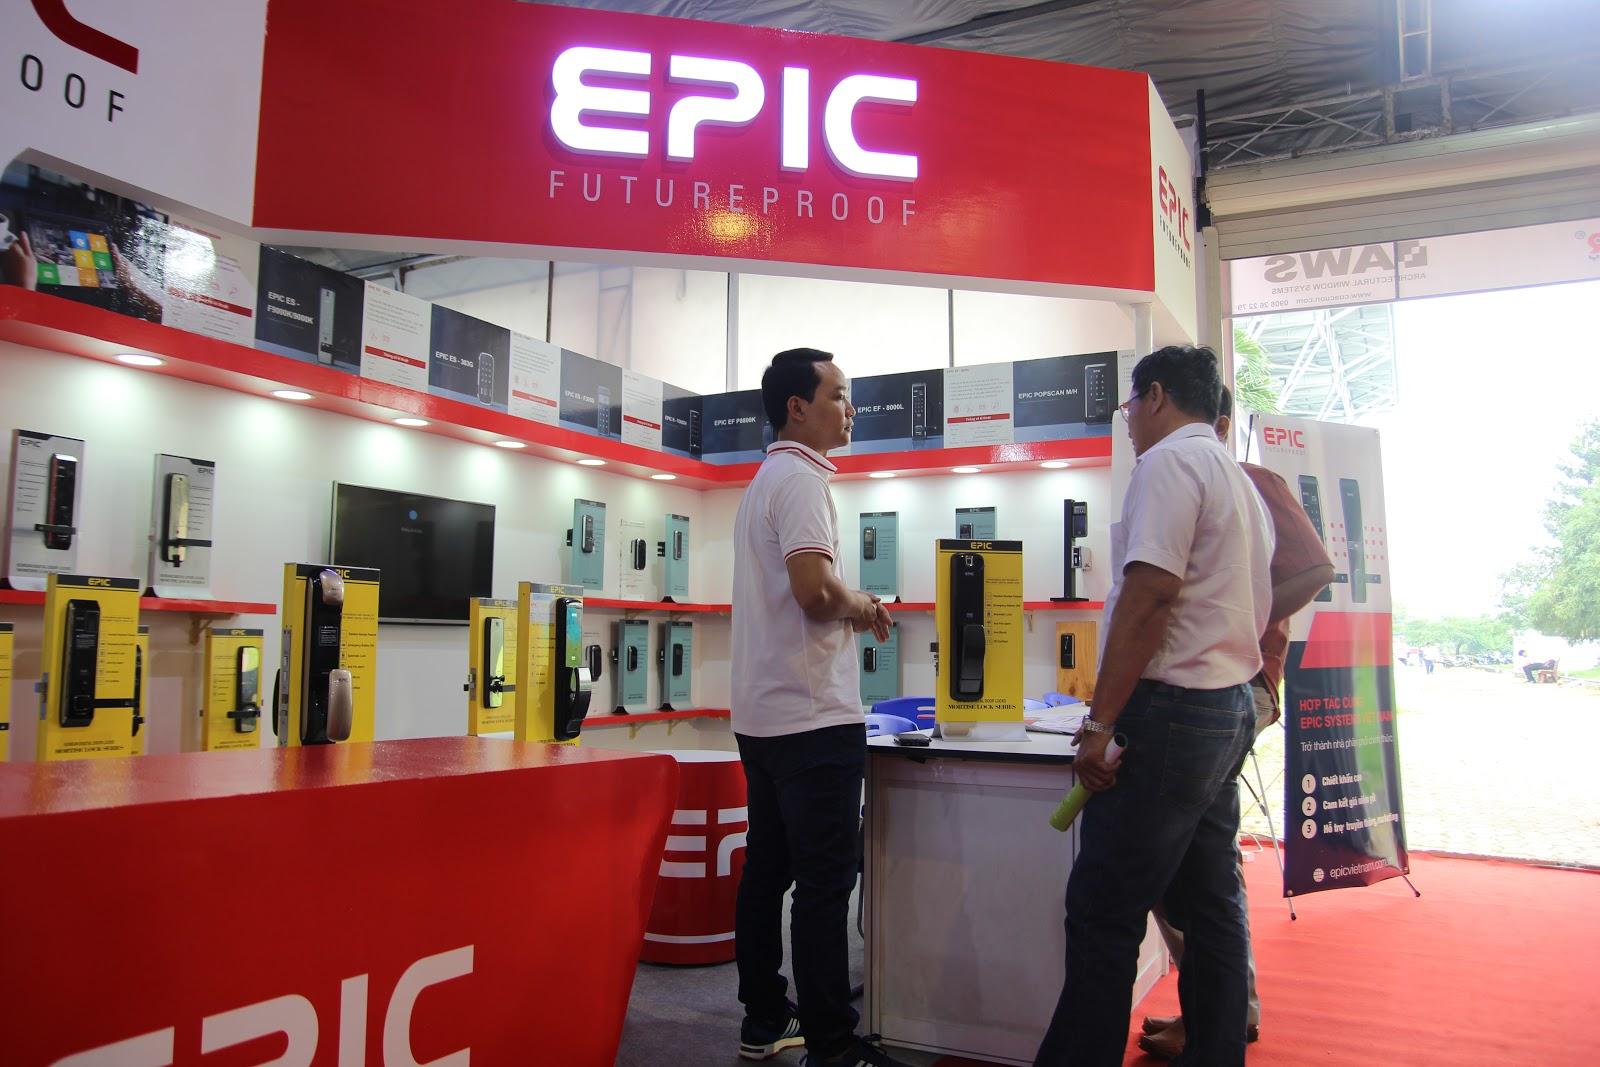 Hợp tác cùng EPIC SYSTEMS Việt Nam- Khẳng định vị thế trên thị trường khóa điện tử - Ảnh 2